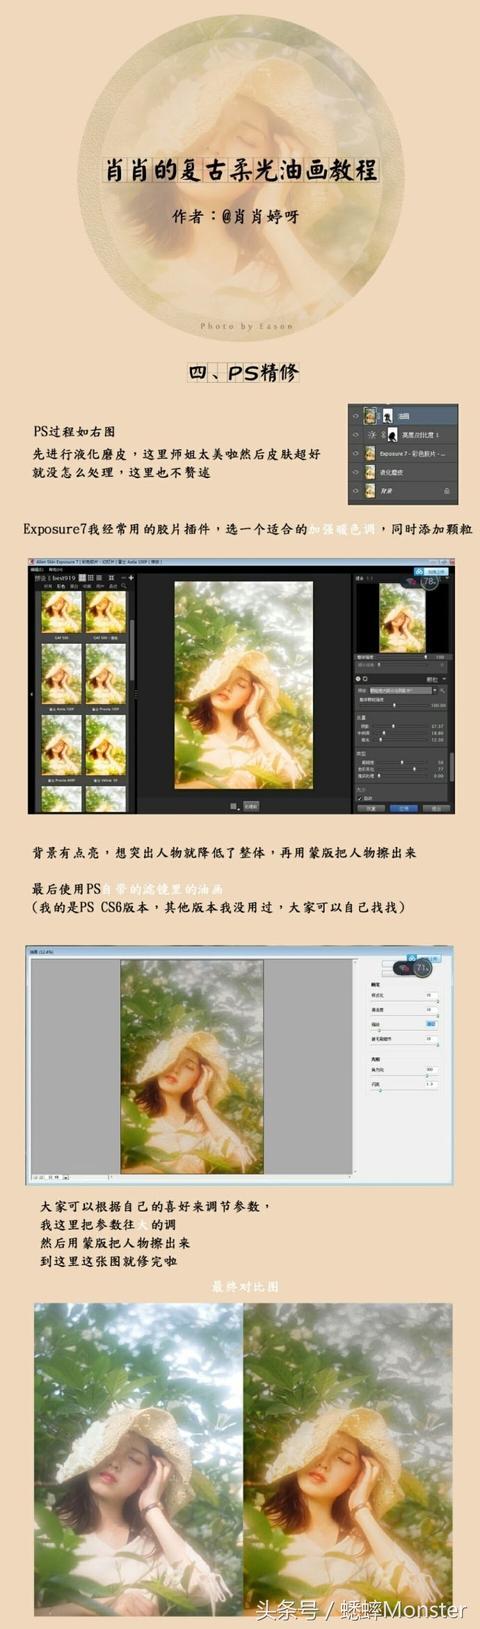 「复古柔光油画拍照调色教程」前期思路+拍摄参数+后期调色渲染